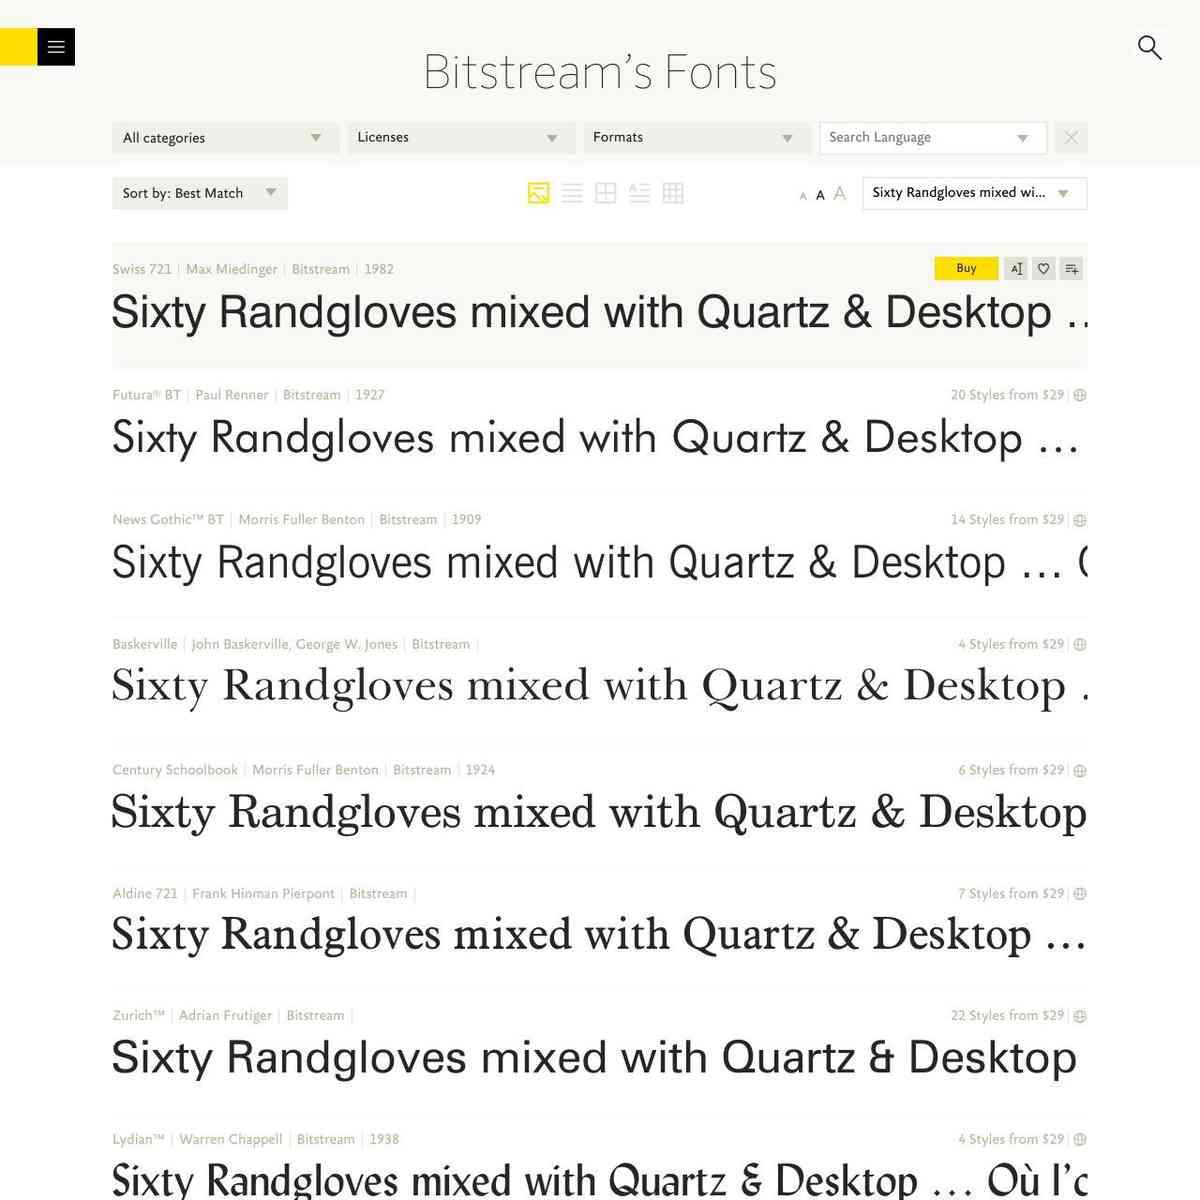 Bitstream's Fonts | FontShop